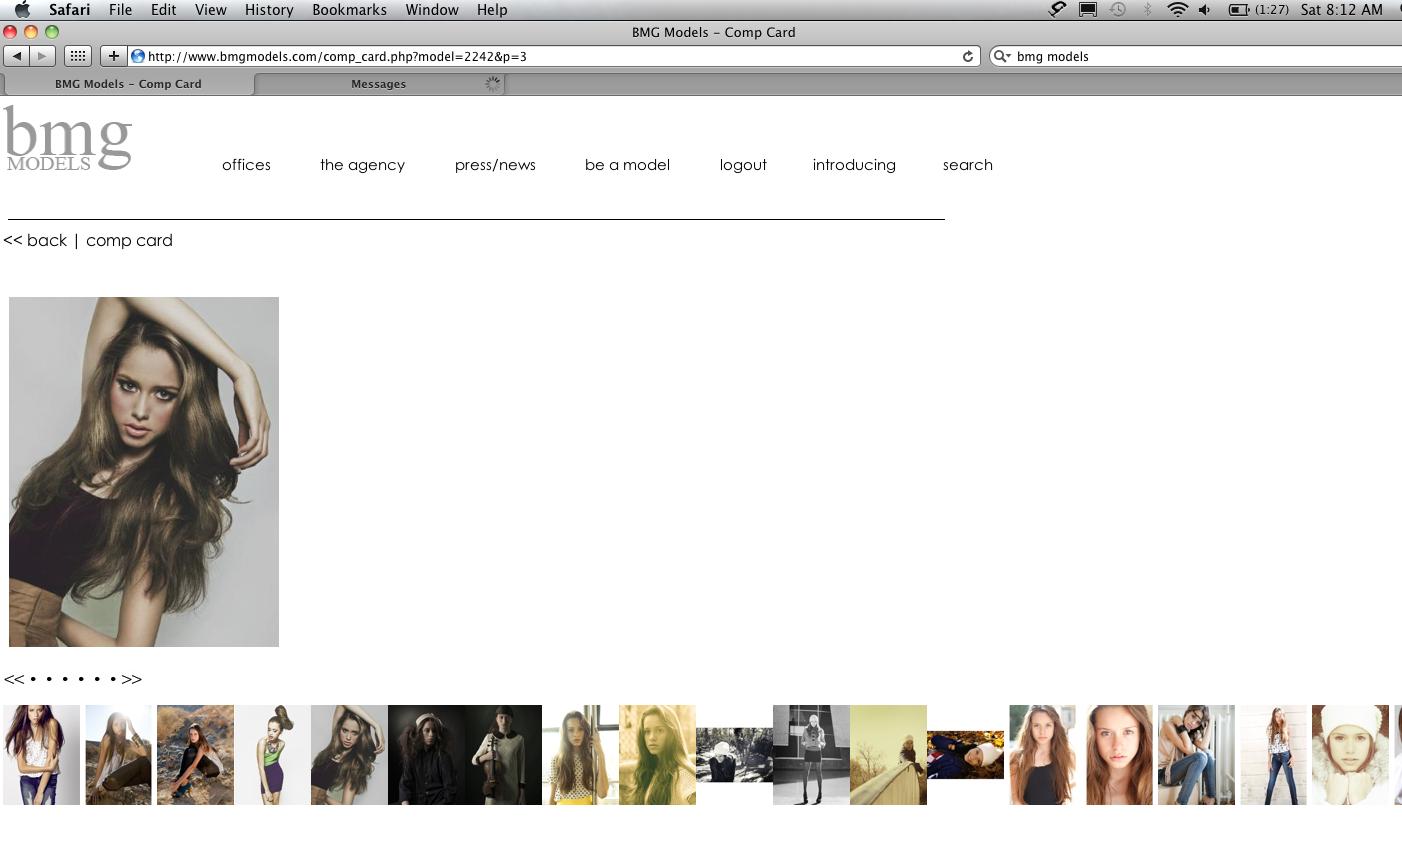 Screen shot 2012-06-02 at 8.12.30 AM.png